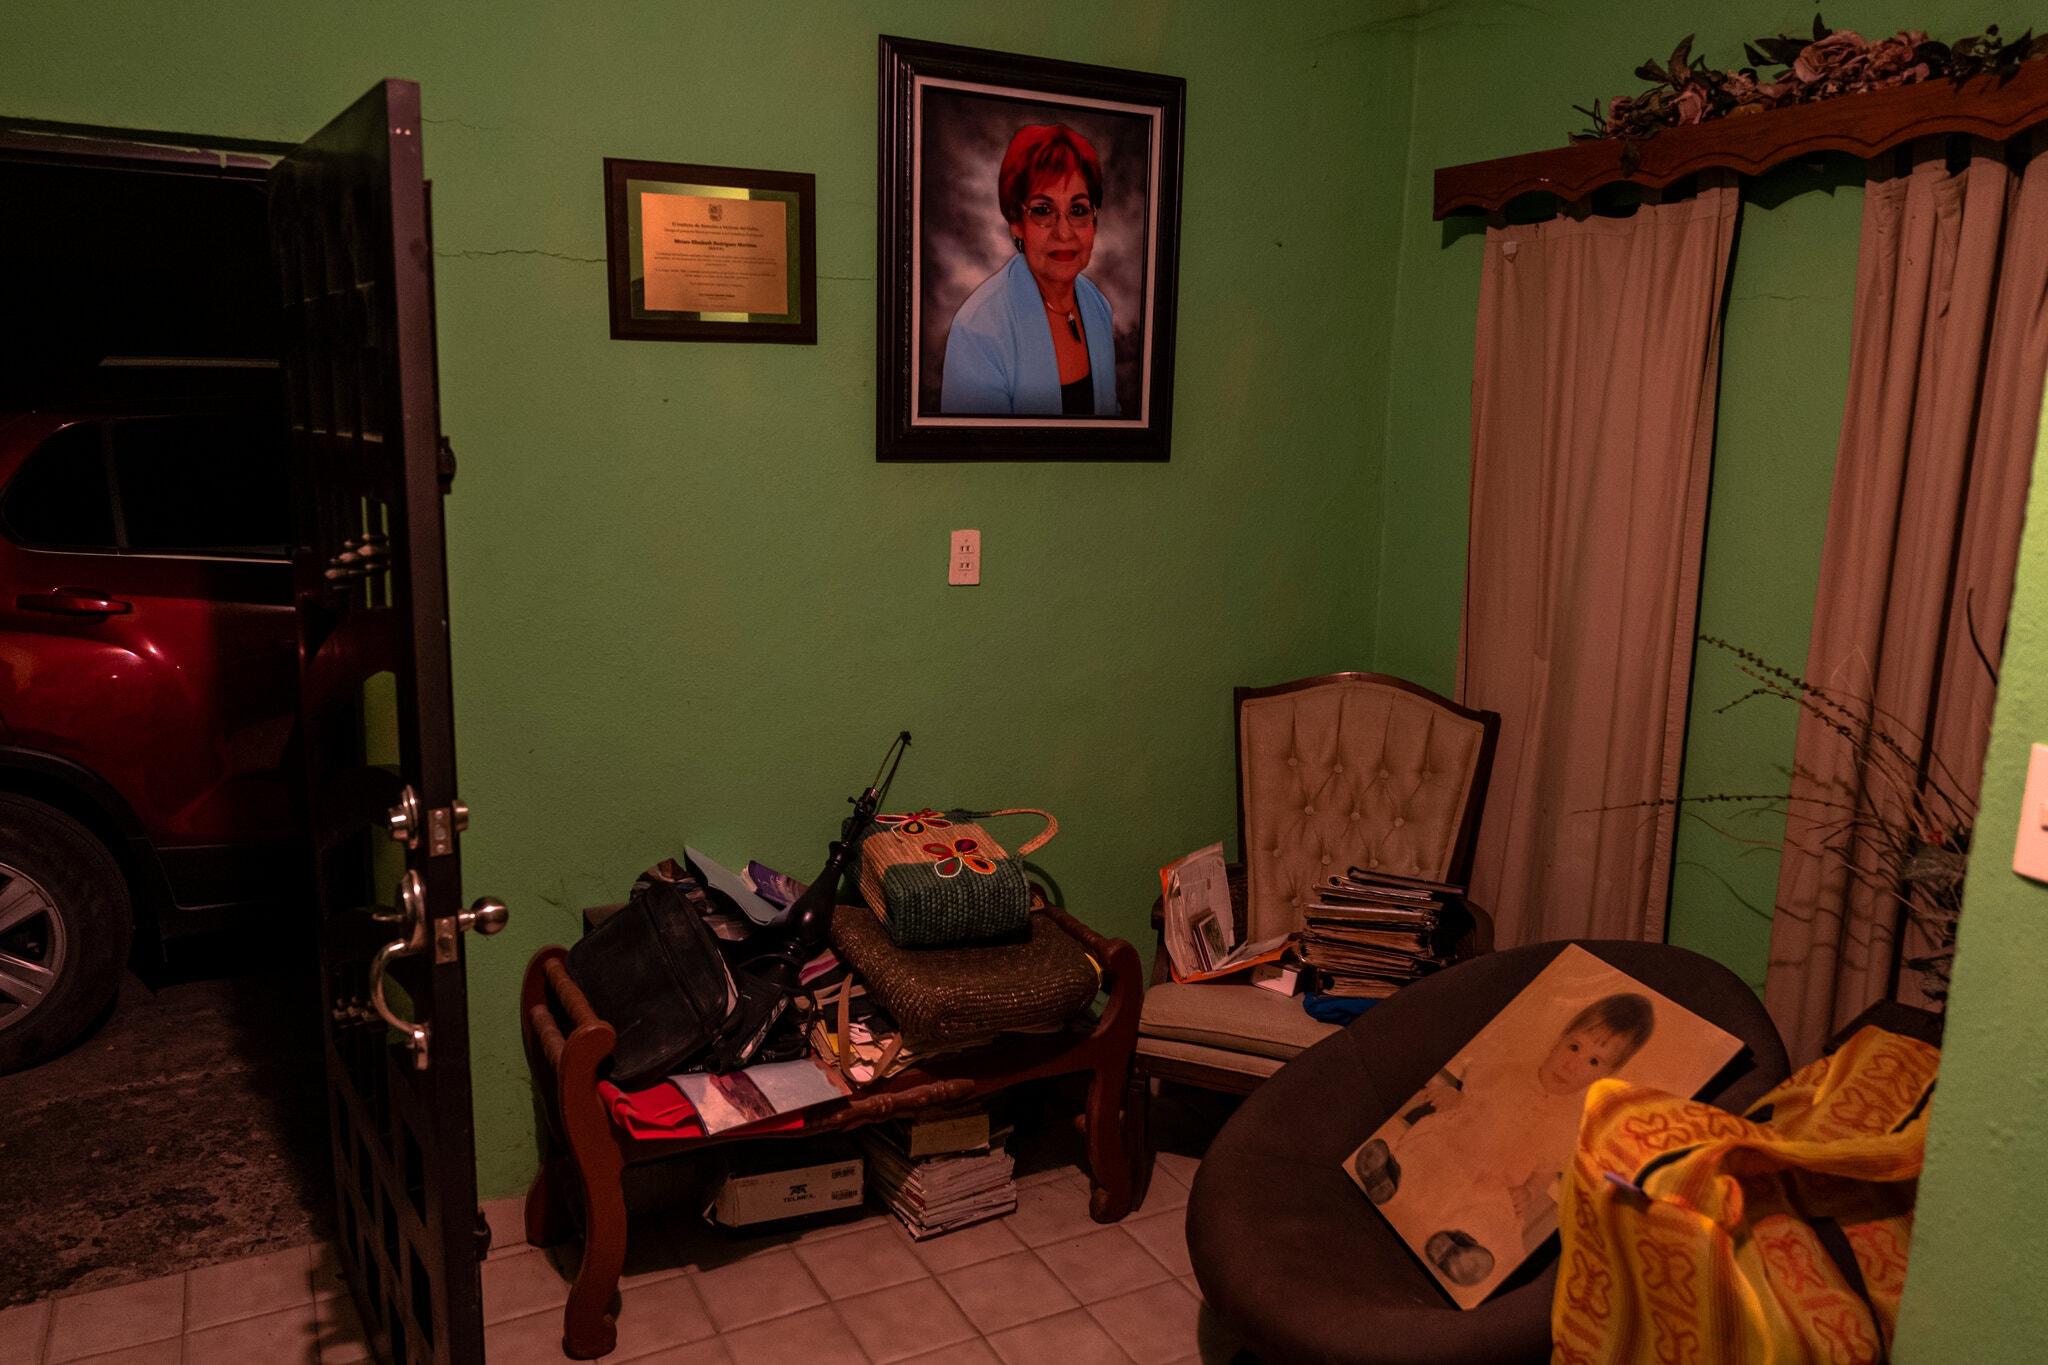 La señora Miriam Rodríguez, acecho a todos los asesinos de su hija para capturarlos, todos integrantes de Los Zetas, lo logró pero fue ejecutada